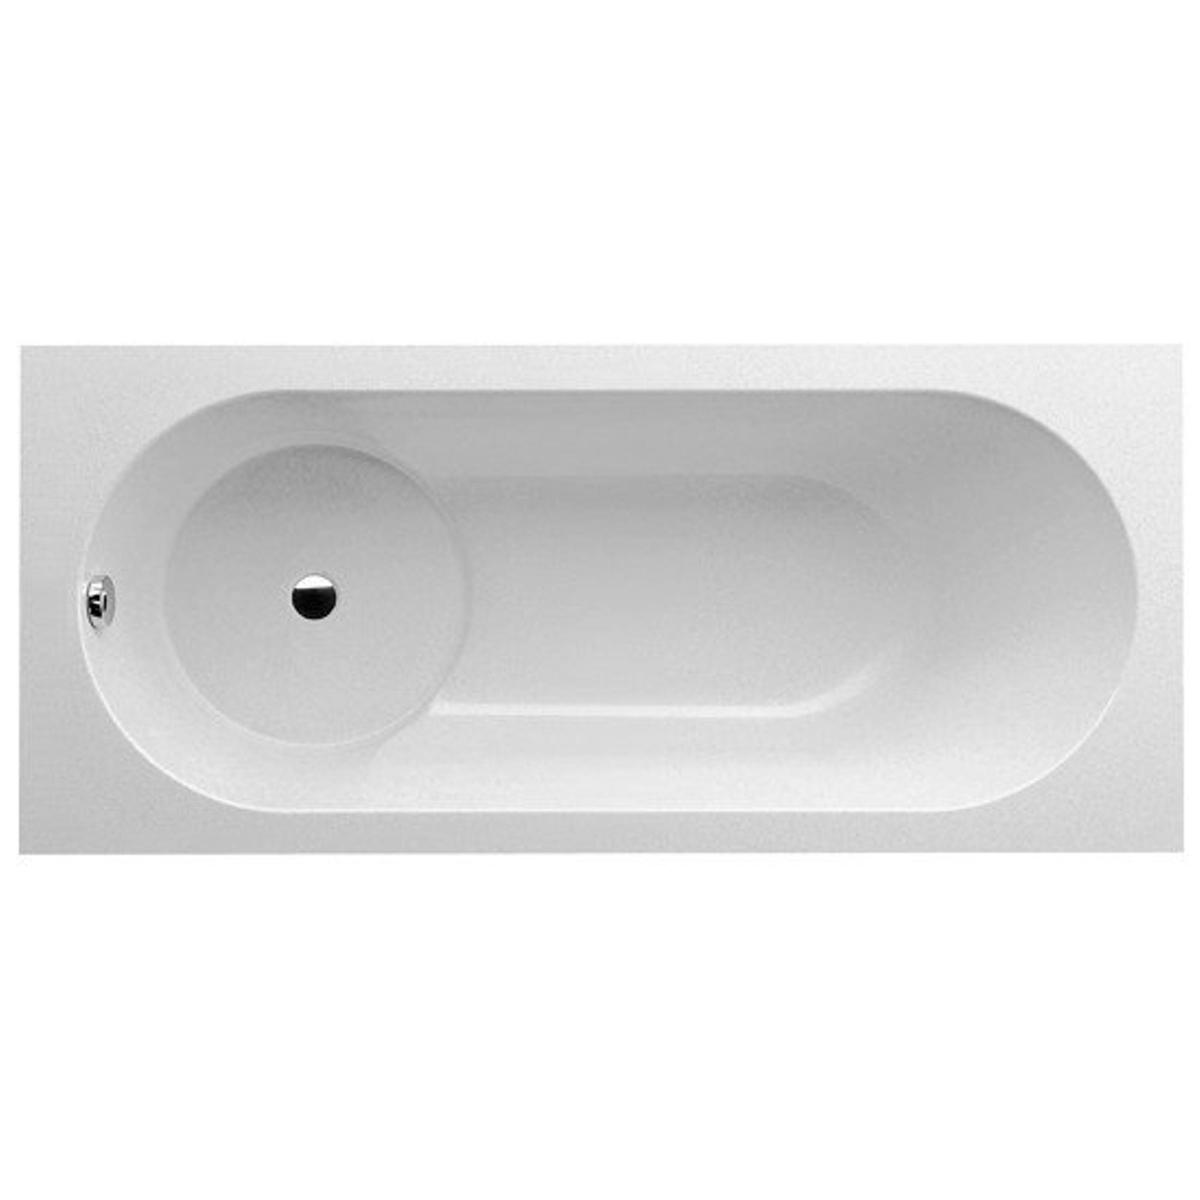 villeroy et boch libra baignoire rectangulaire 160x70cm avec set de pieds star white ga55468